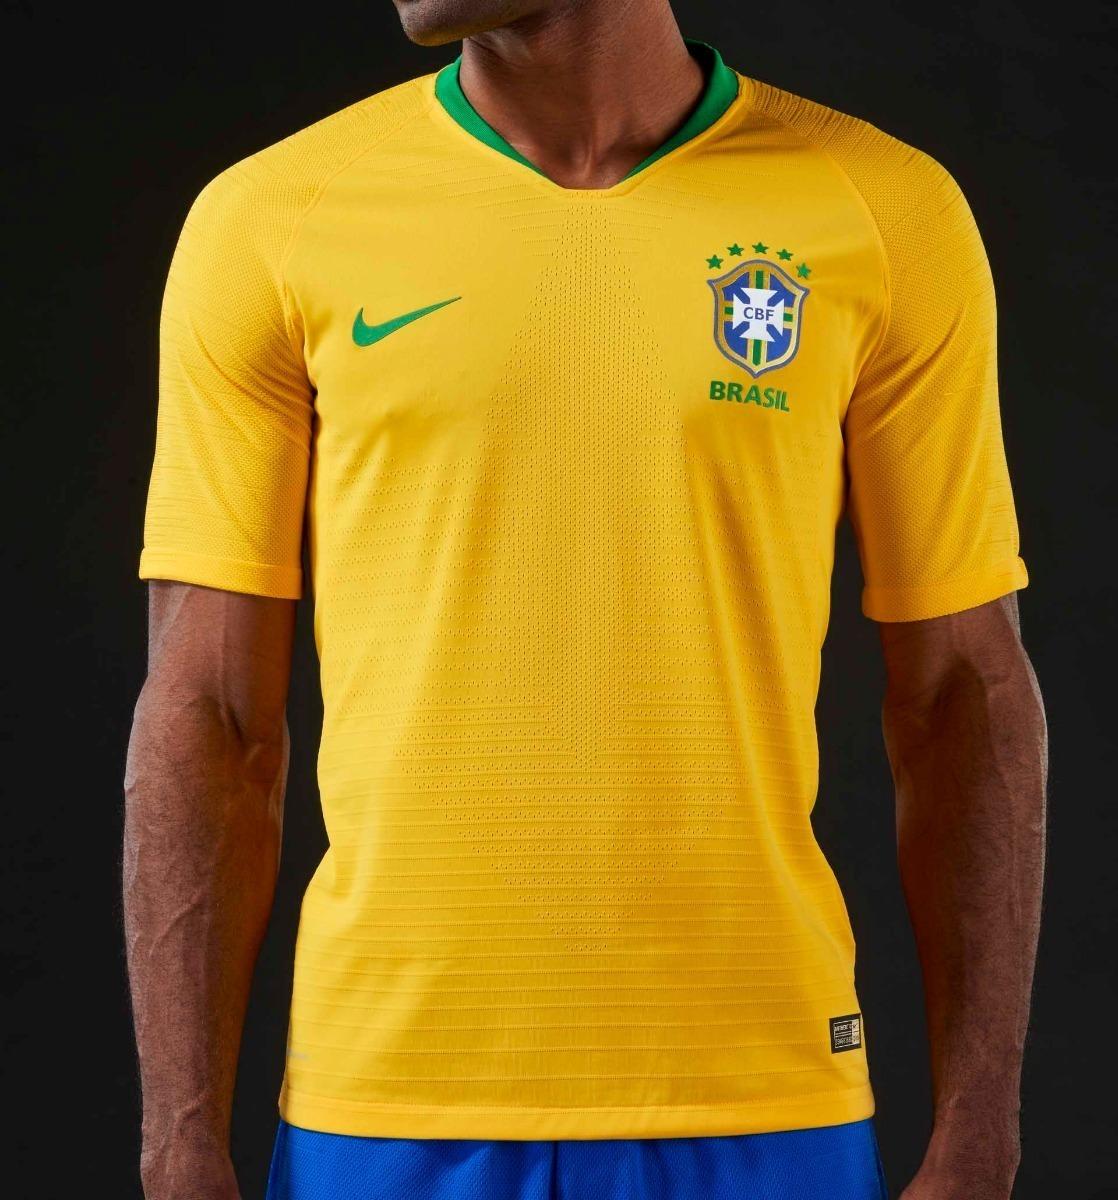 c09719cda camiseta seleção brasileira original copa 18 oficial neymar. Carregando zoom .